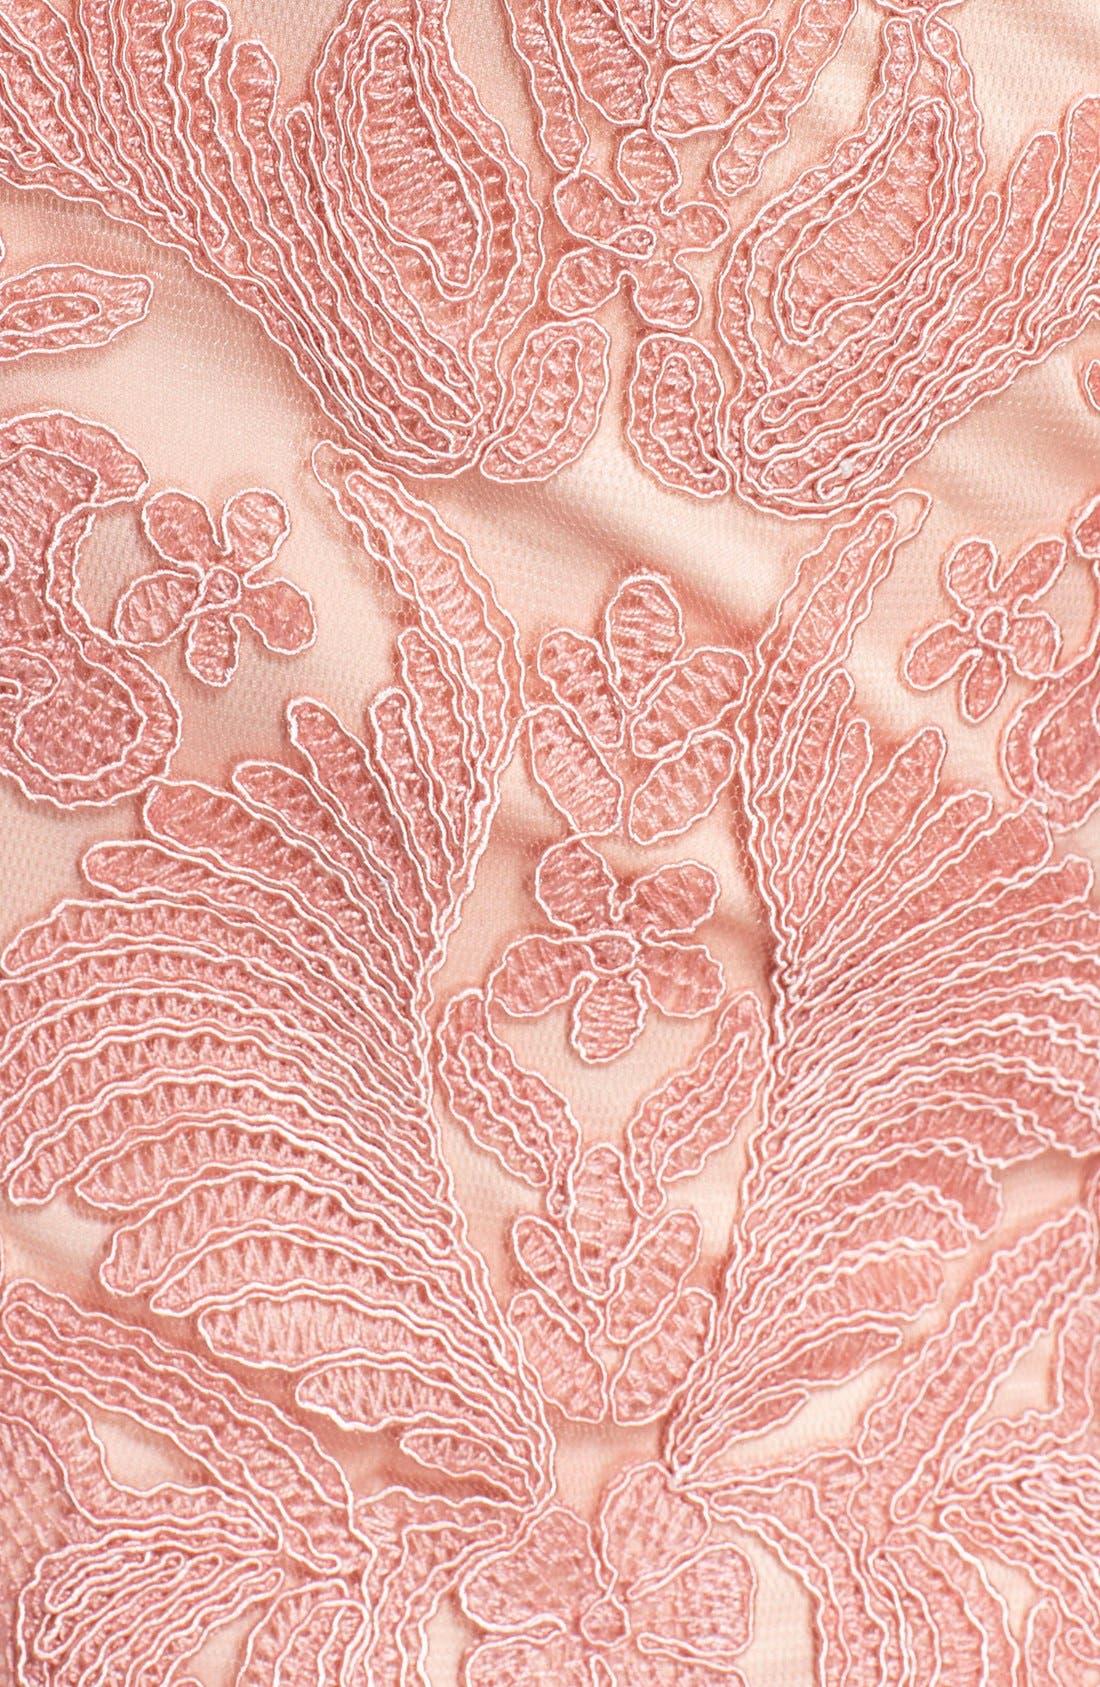 Illusion Yoke Lace Sheath Dress,                             Alternate thumbnail 81, color,